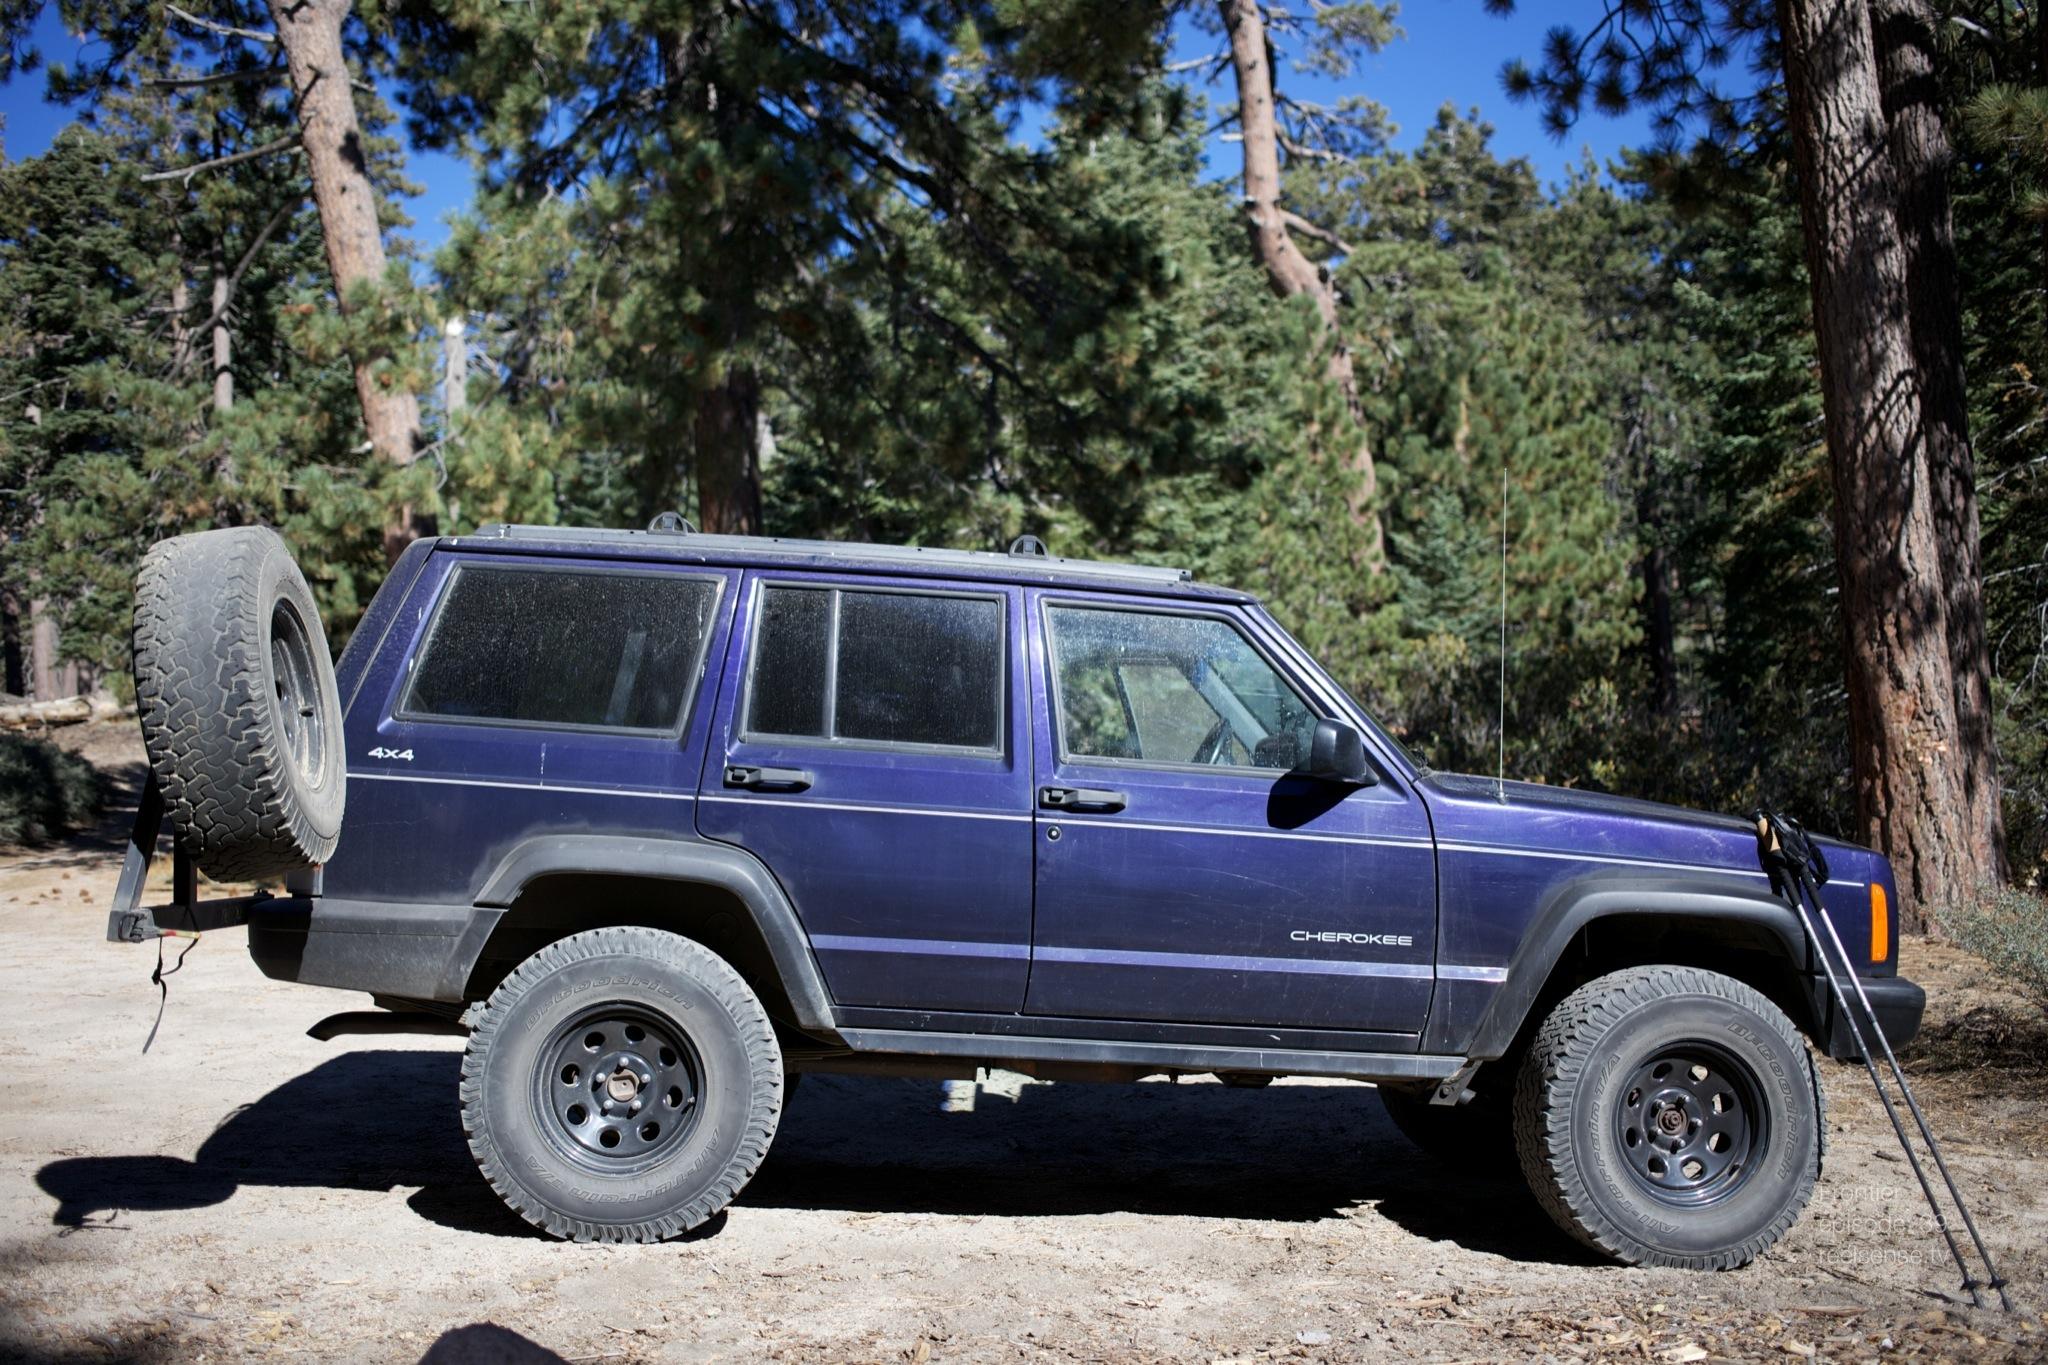 Big Bear, CA - Jeep